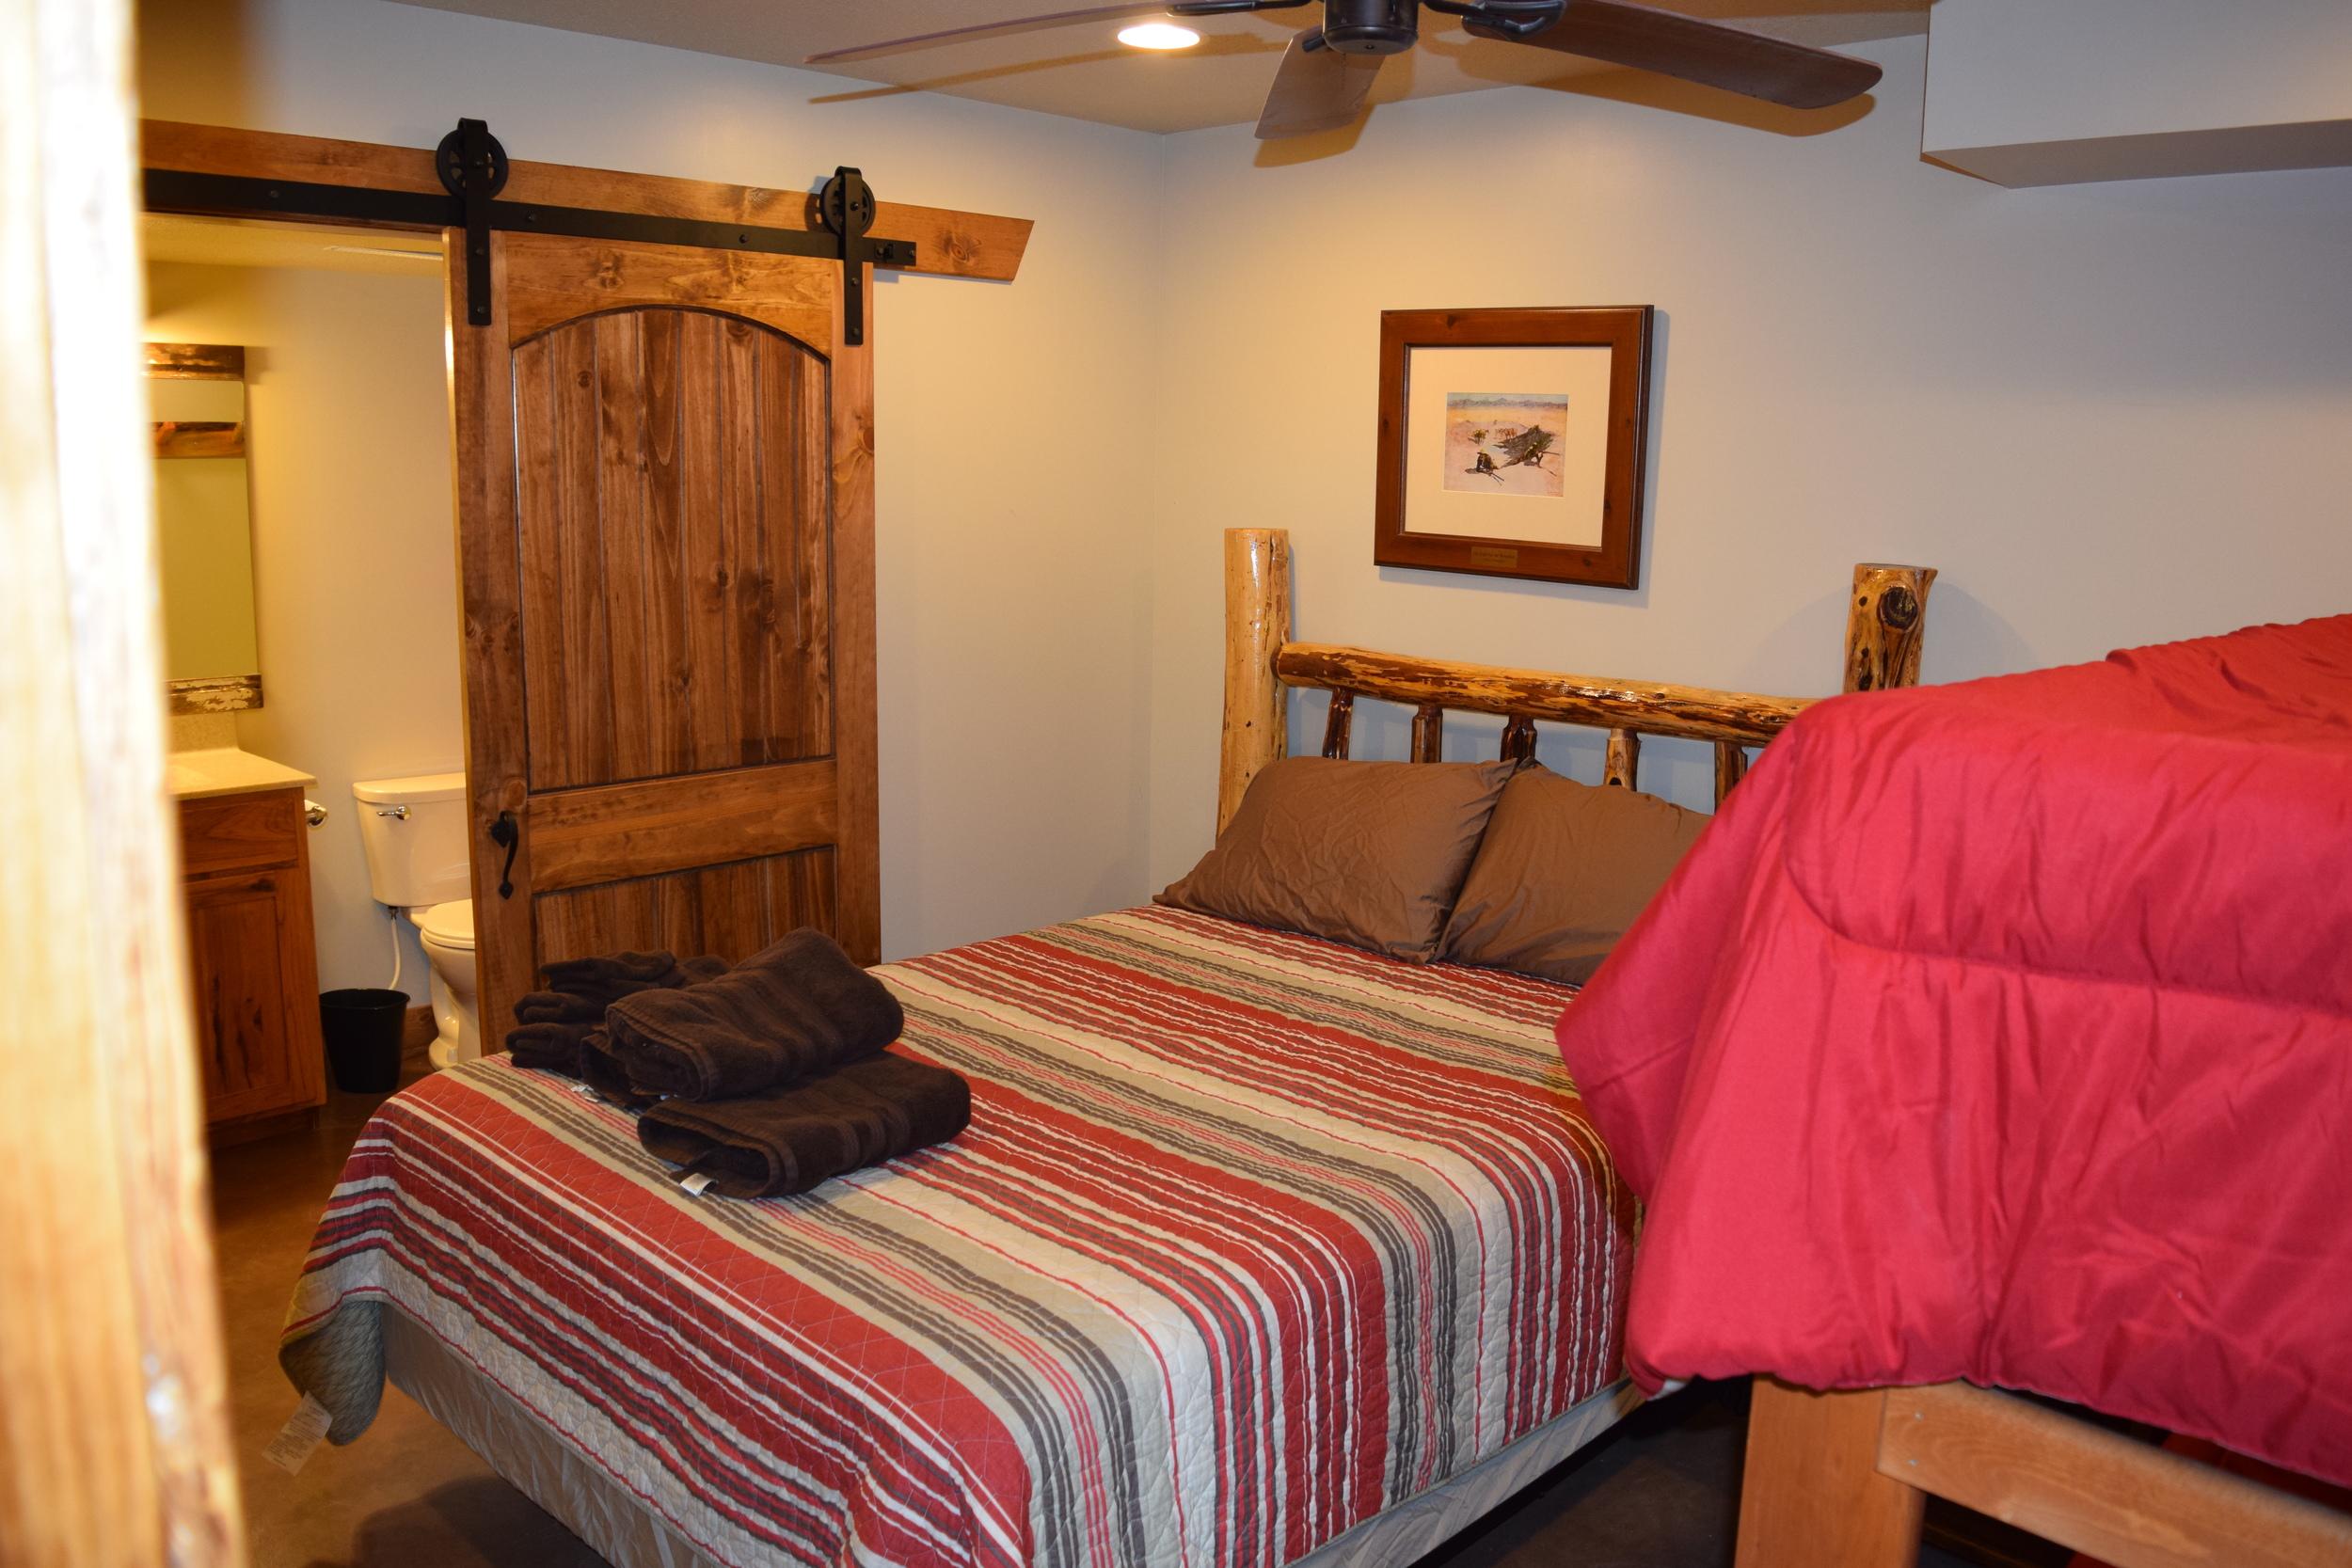 Bedroom with en-suite and bunk beds.